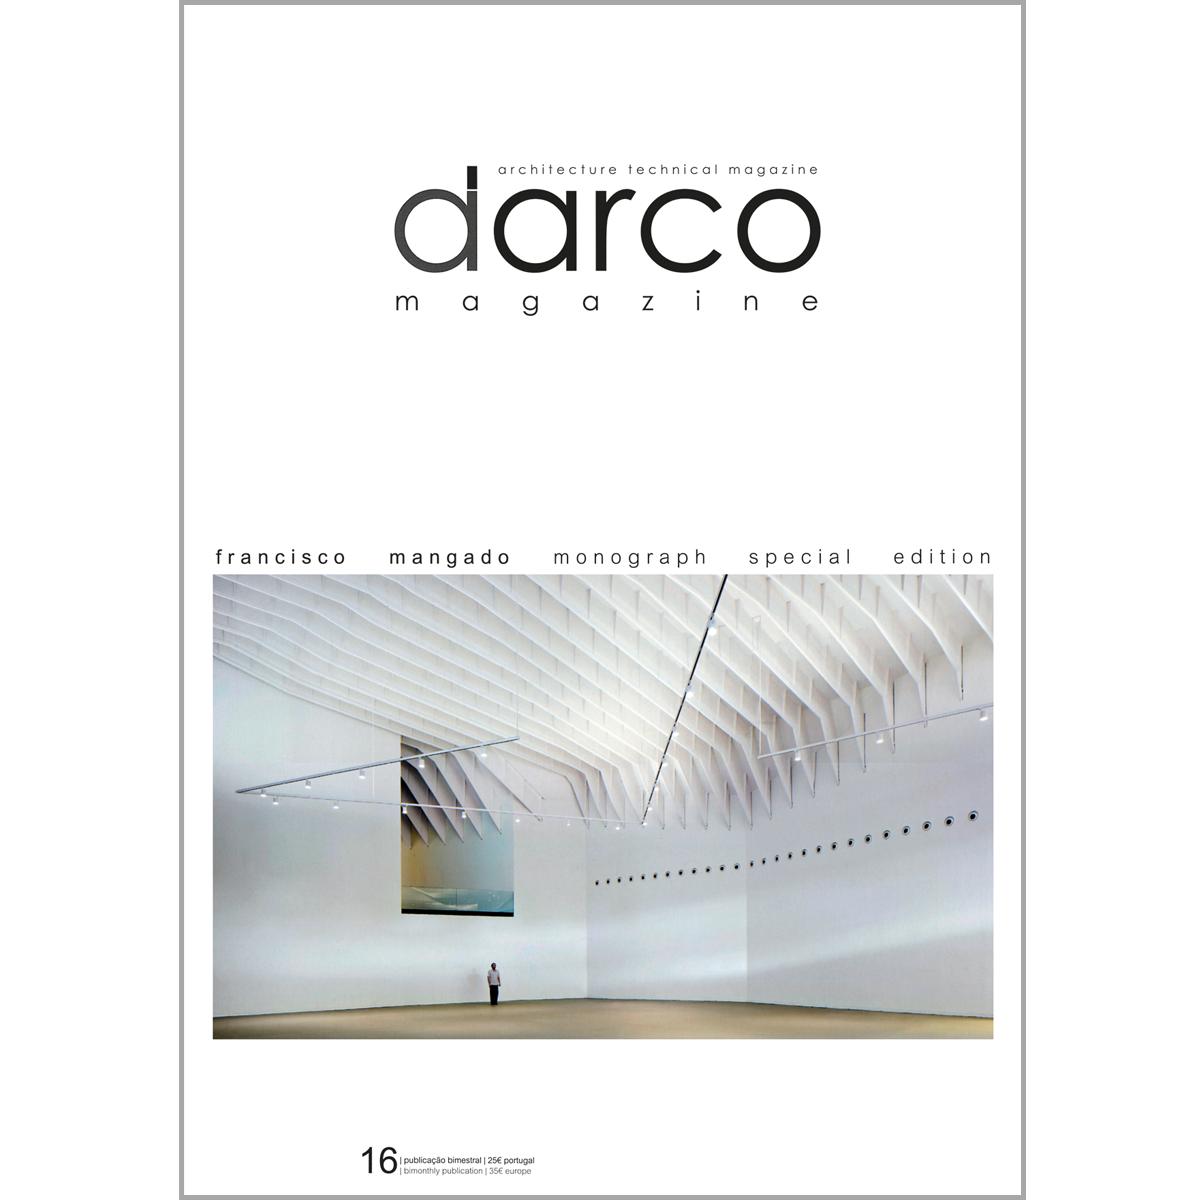 Darco Magazine: Francisco Mangado